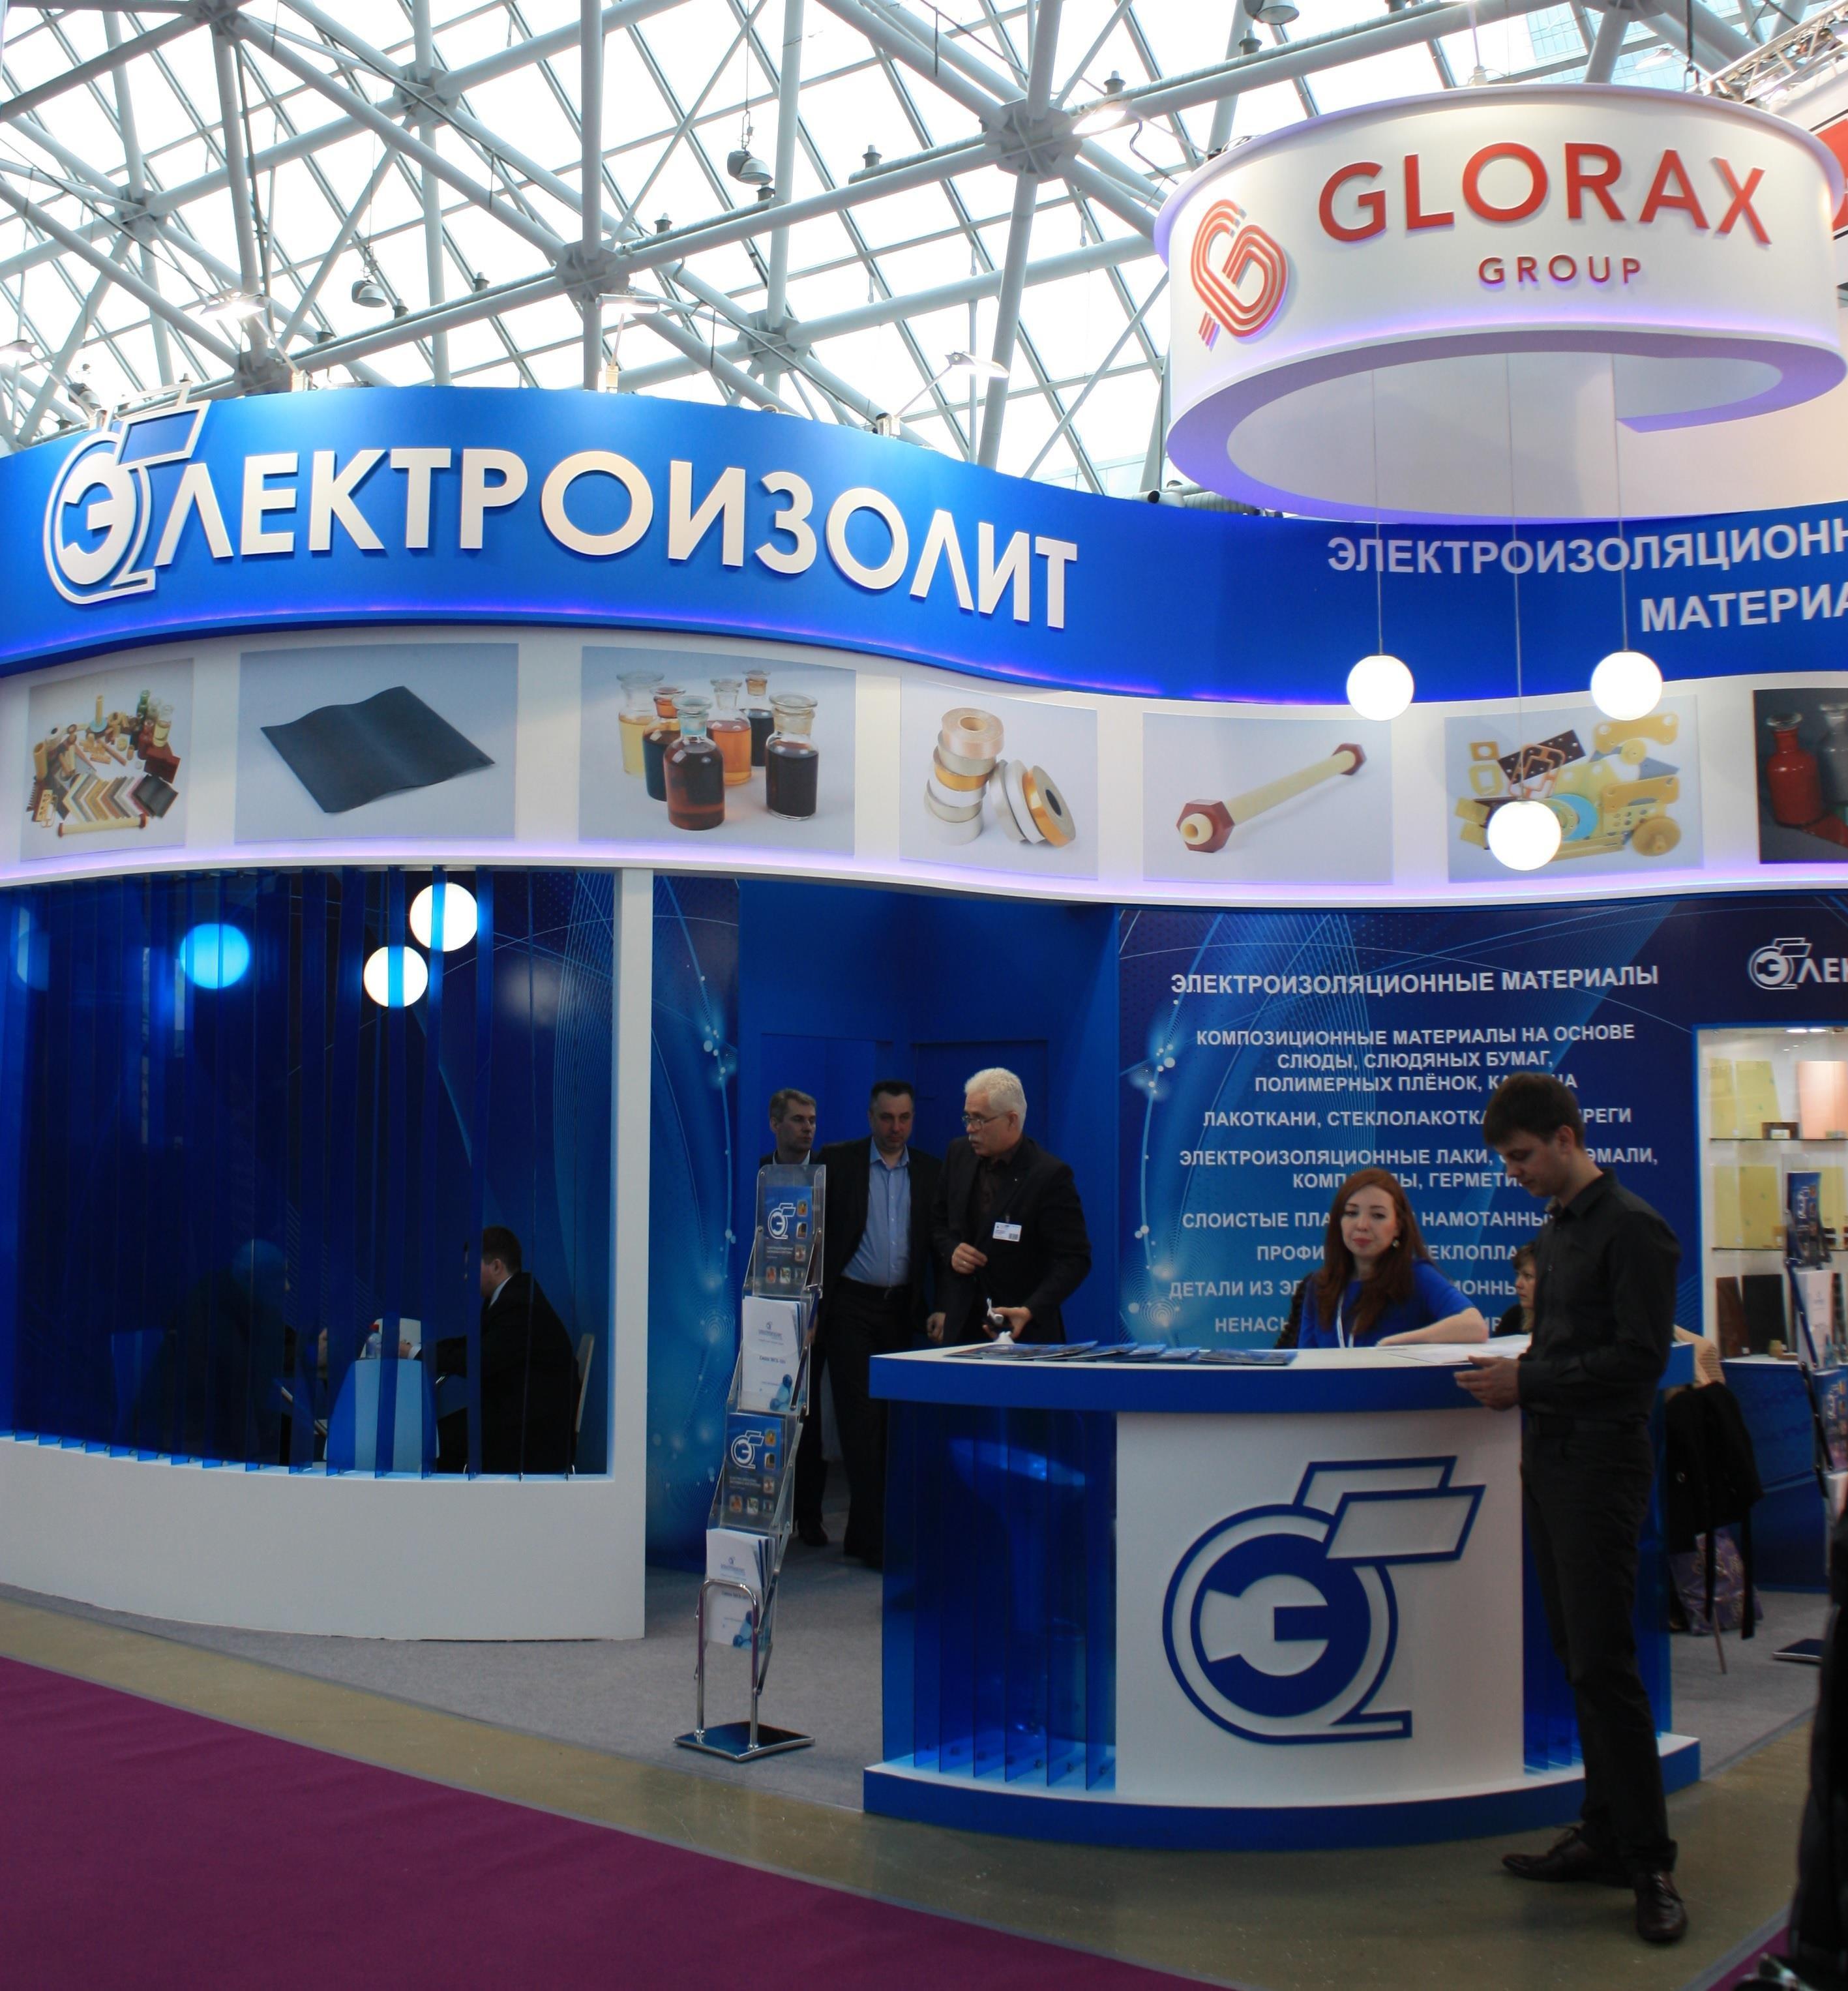 ВGlorax Group заинтересованы, чтобы завод «Электроизолит» развивал отрасль малотоннажной химии